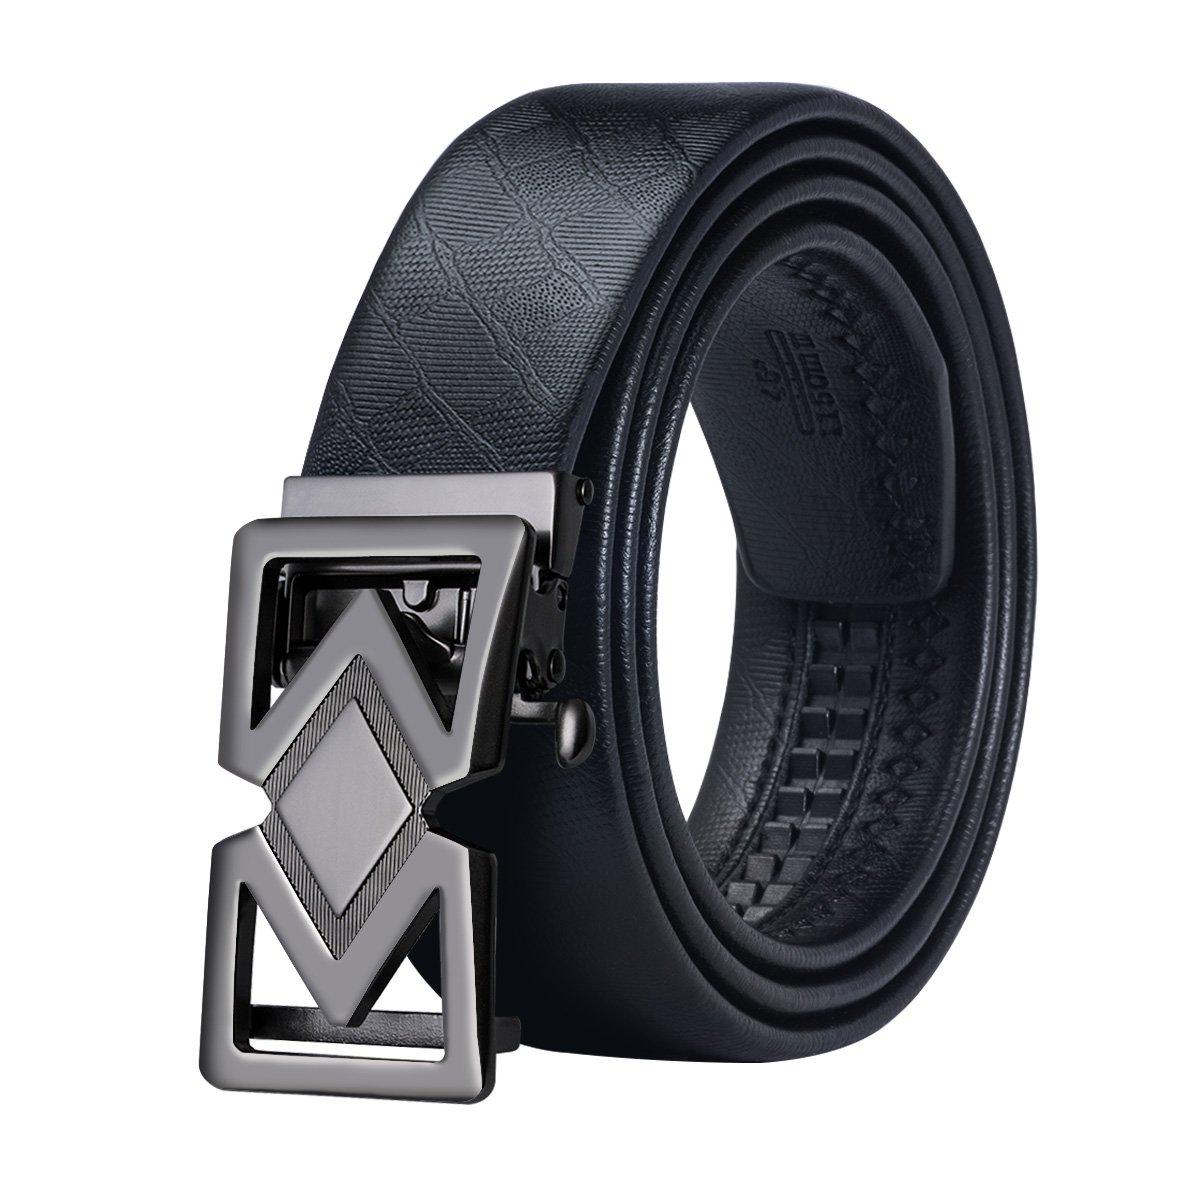 DiBanGu ベルト ビジネス メンズ 黒 自動 バックル ベルト 本革 ベルト メンズ 革 ロング B078Z9Z8V7 60inches(150cm)|Black 2 Black 2 60inches(150cm)